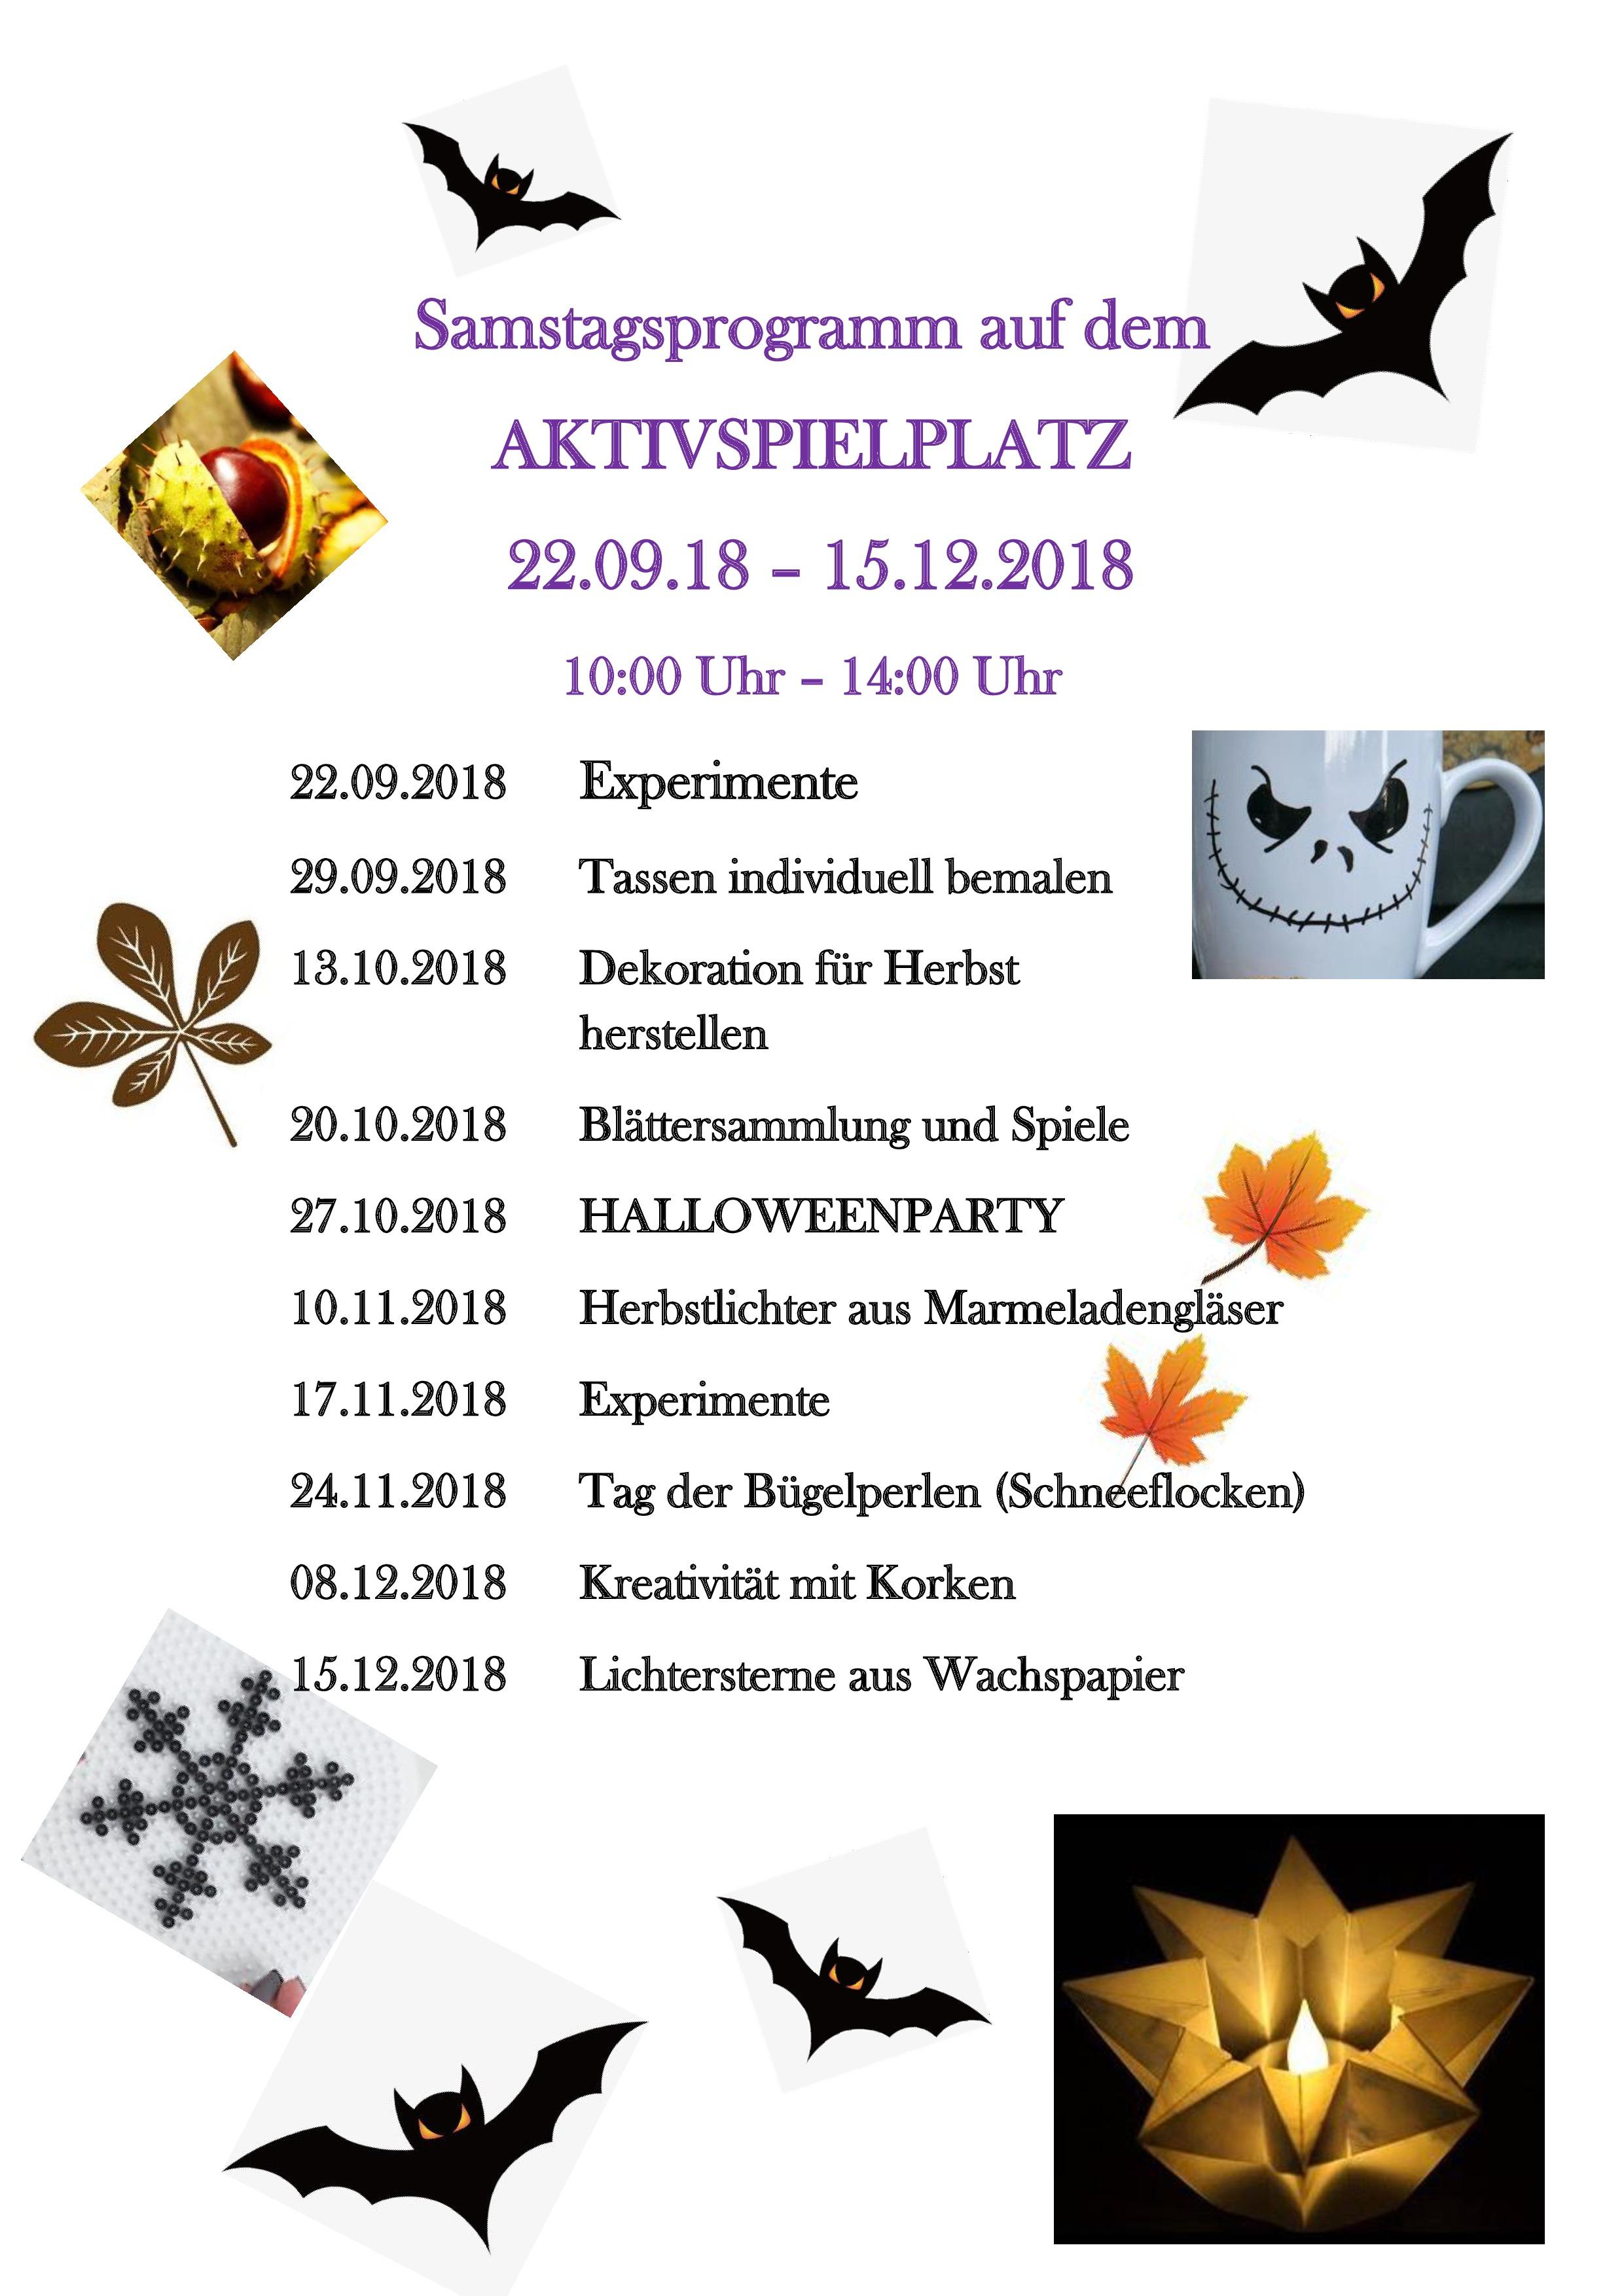 2018-09-pet-Samstagsprogramm-22.09.-15.12.2018